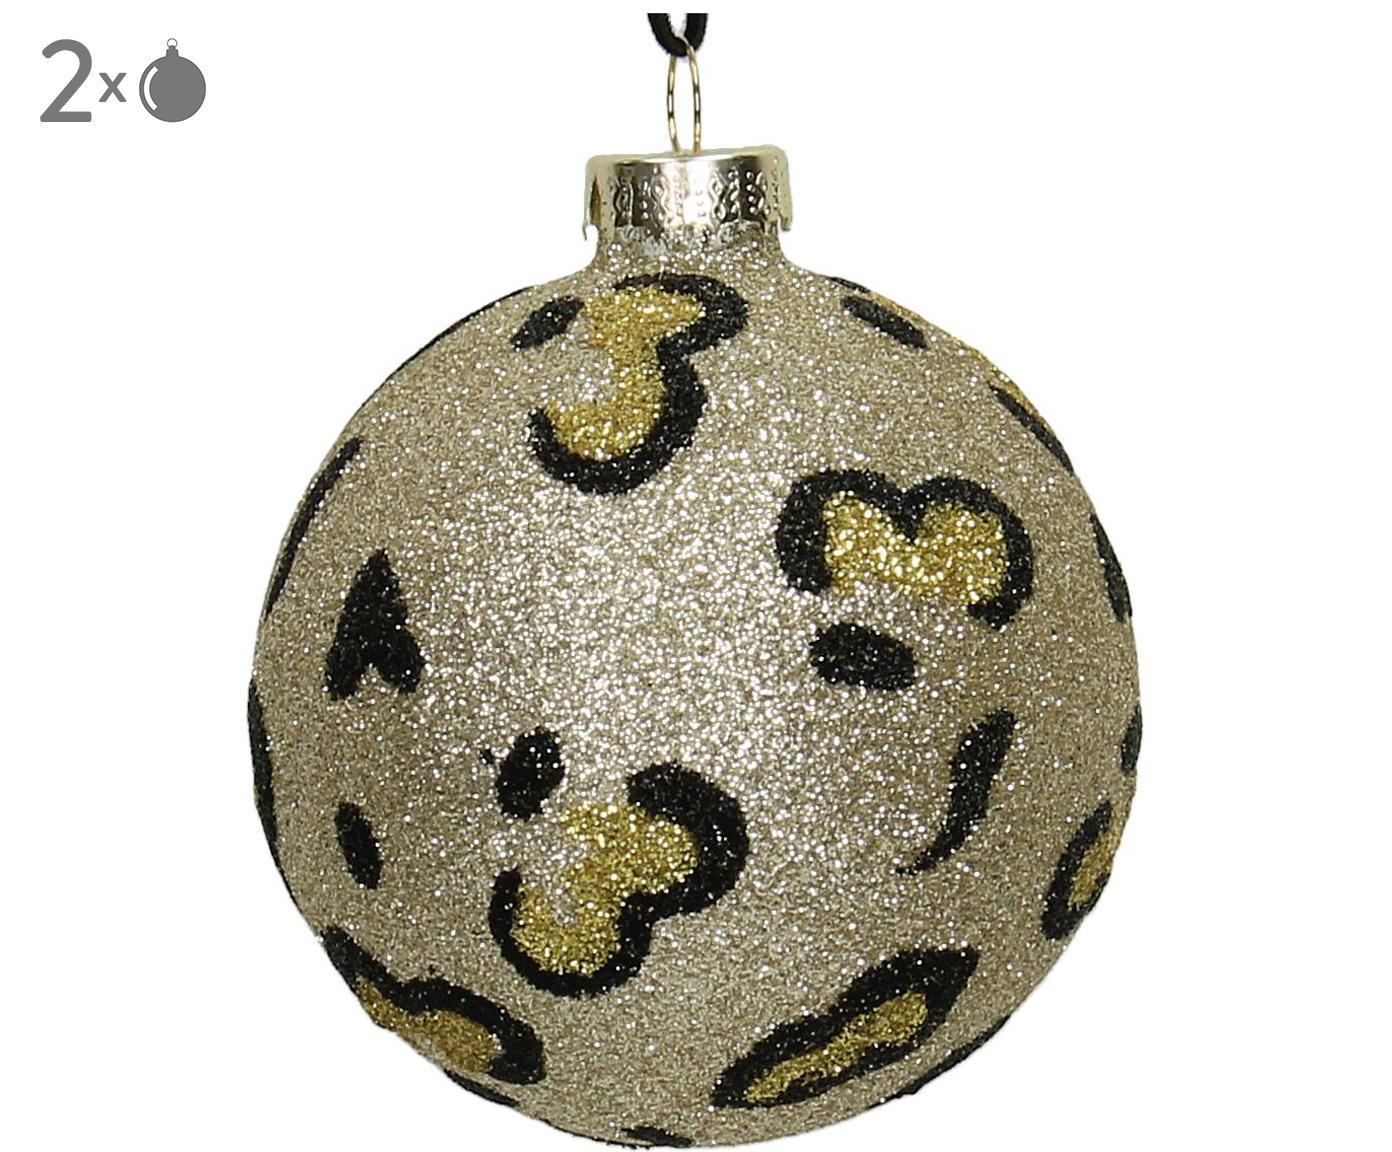 Kerstballen Krave, 2 stuks, Goudkleurig, zwart, Ø 8 cm